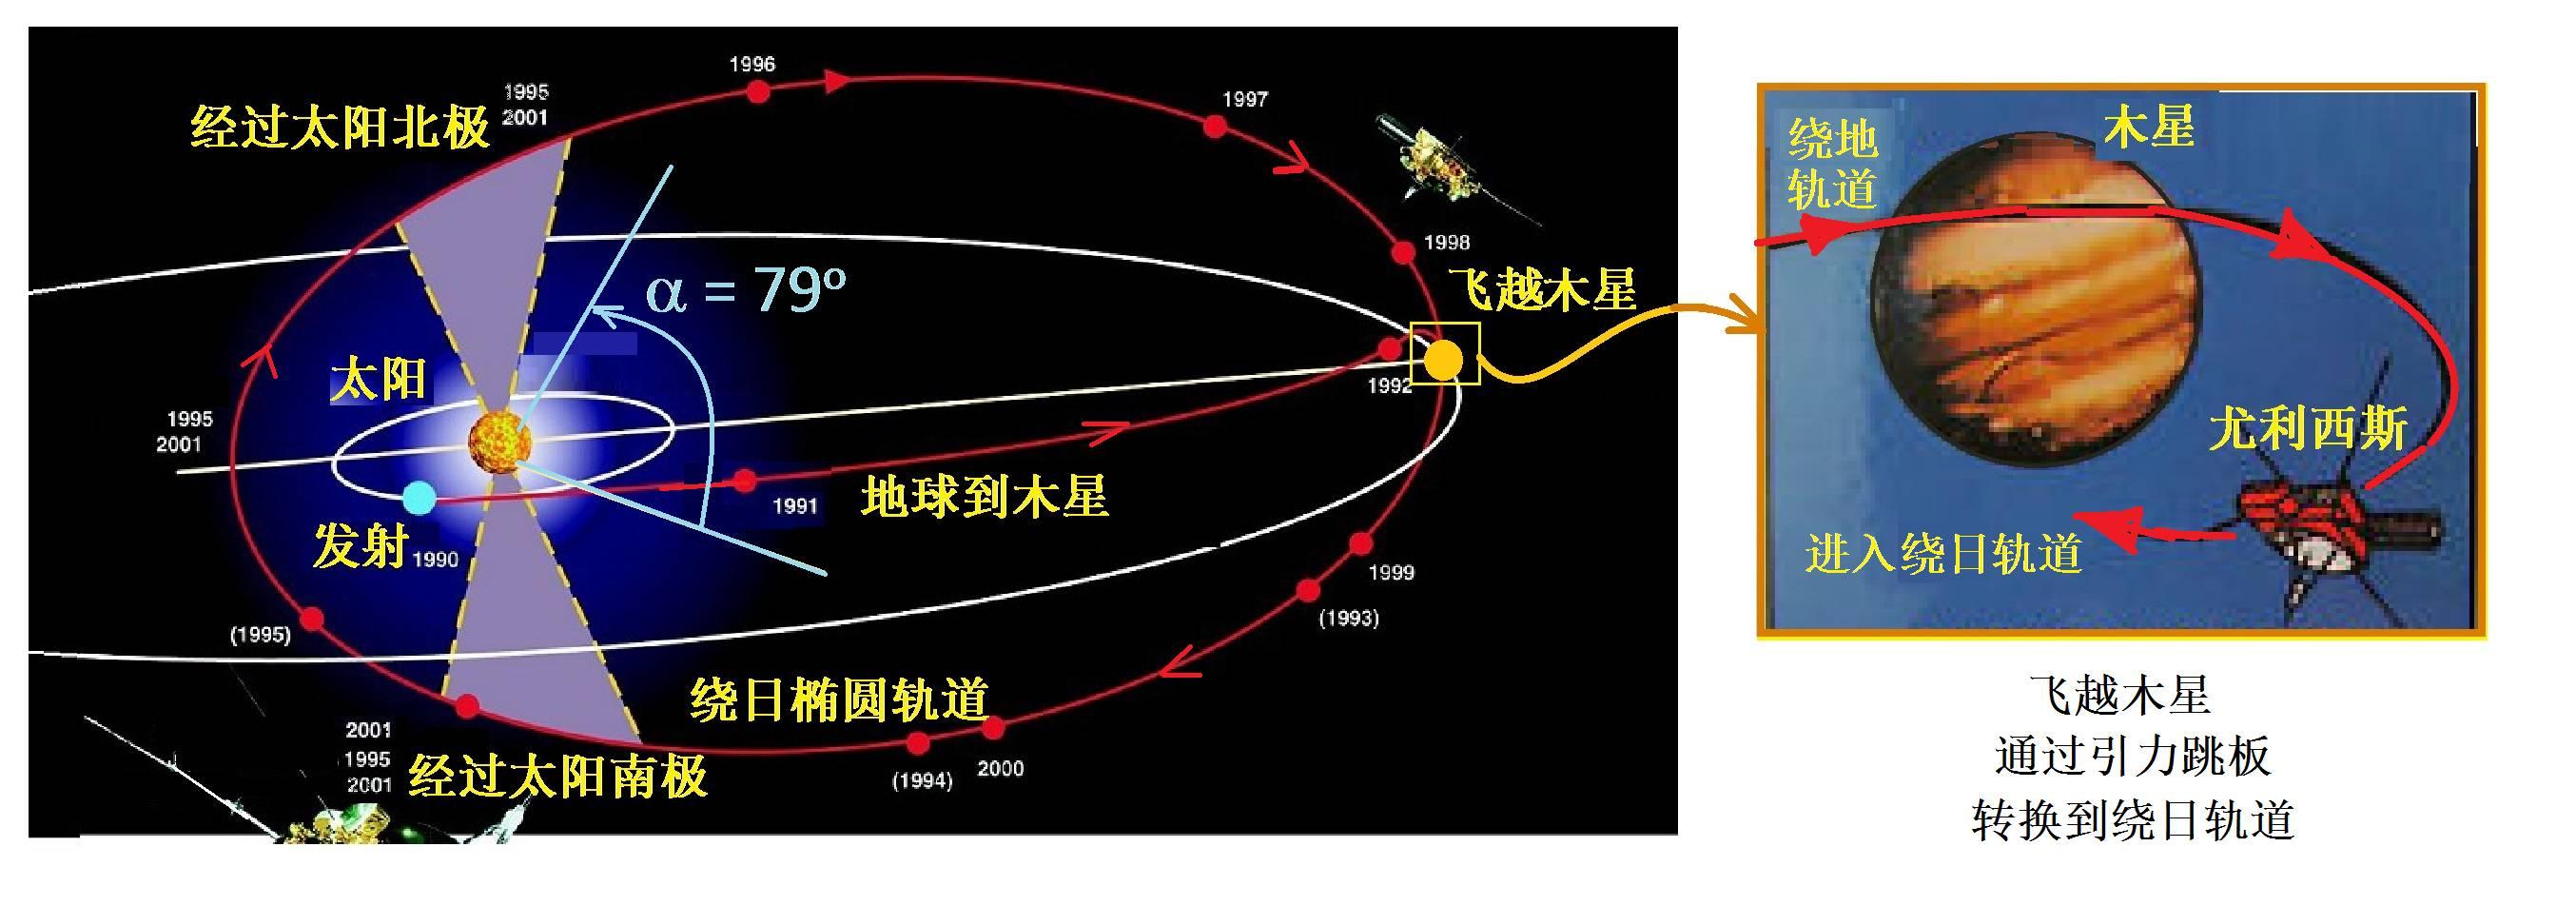 尤利西斯:深入太阳极点 | 星星背后的物理(九)